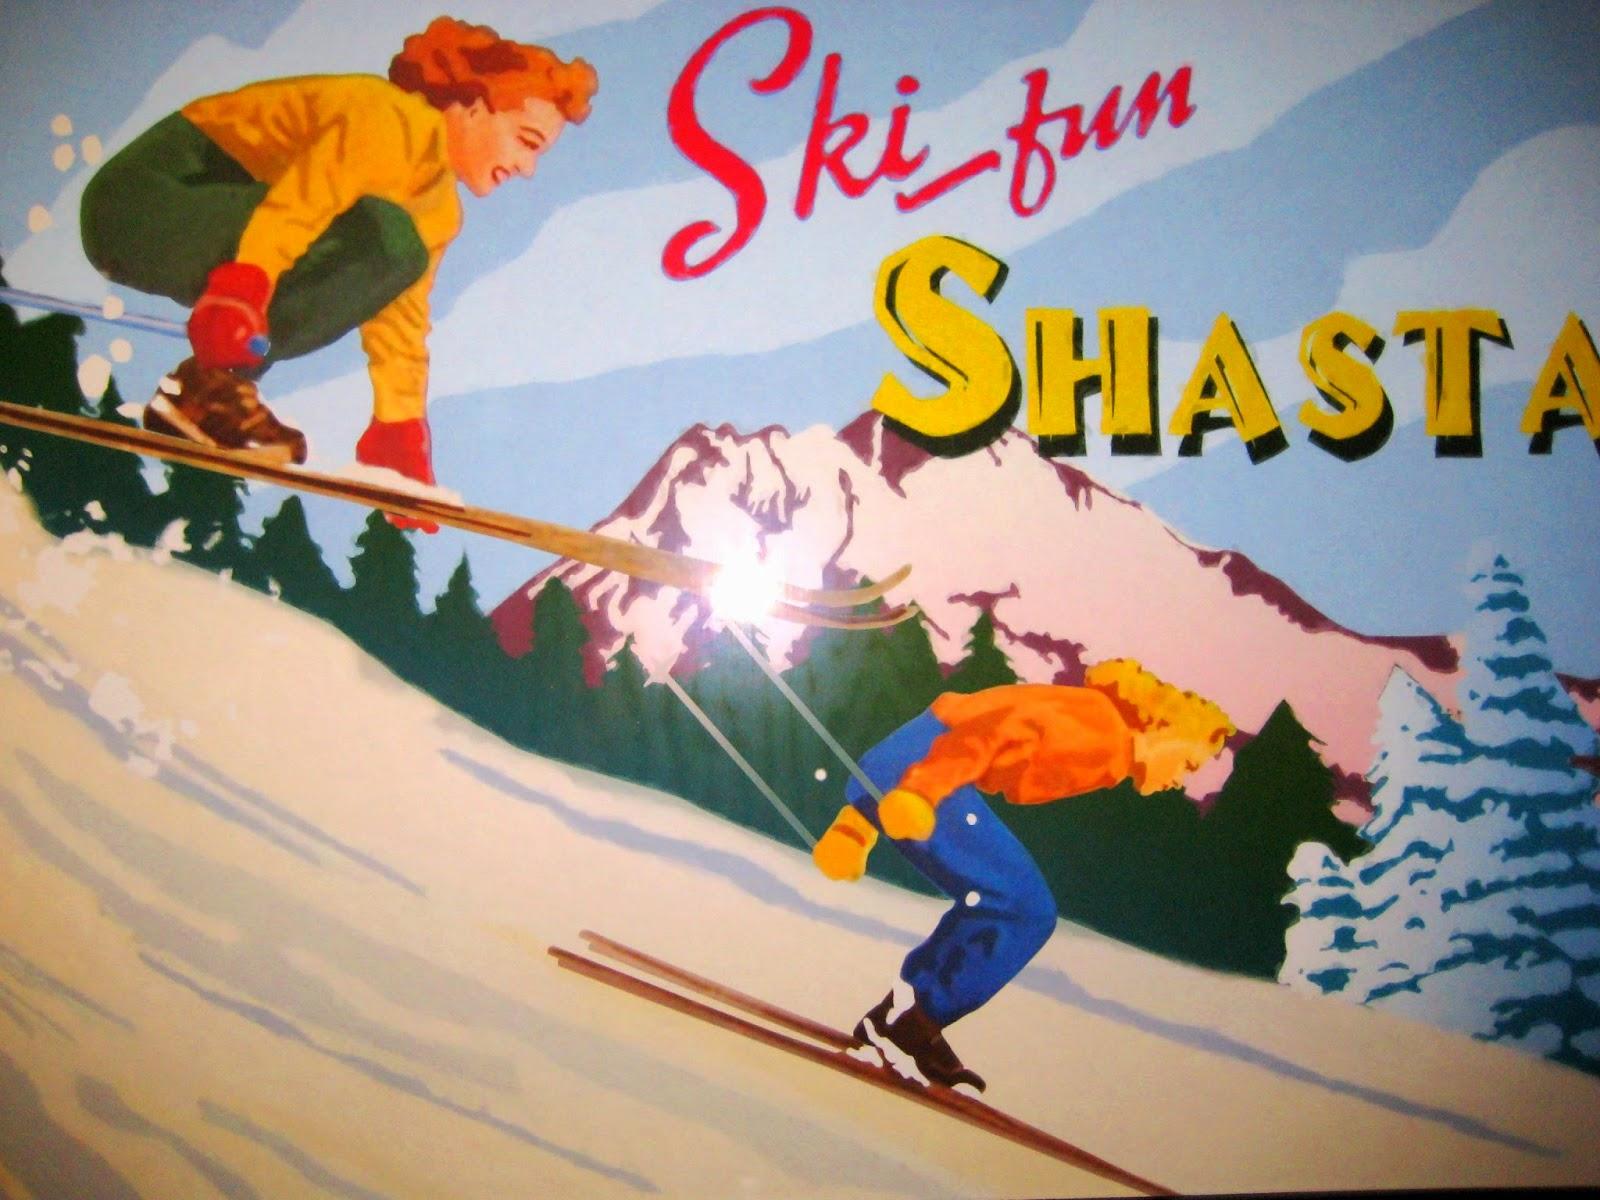 Ski fun shasta